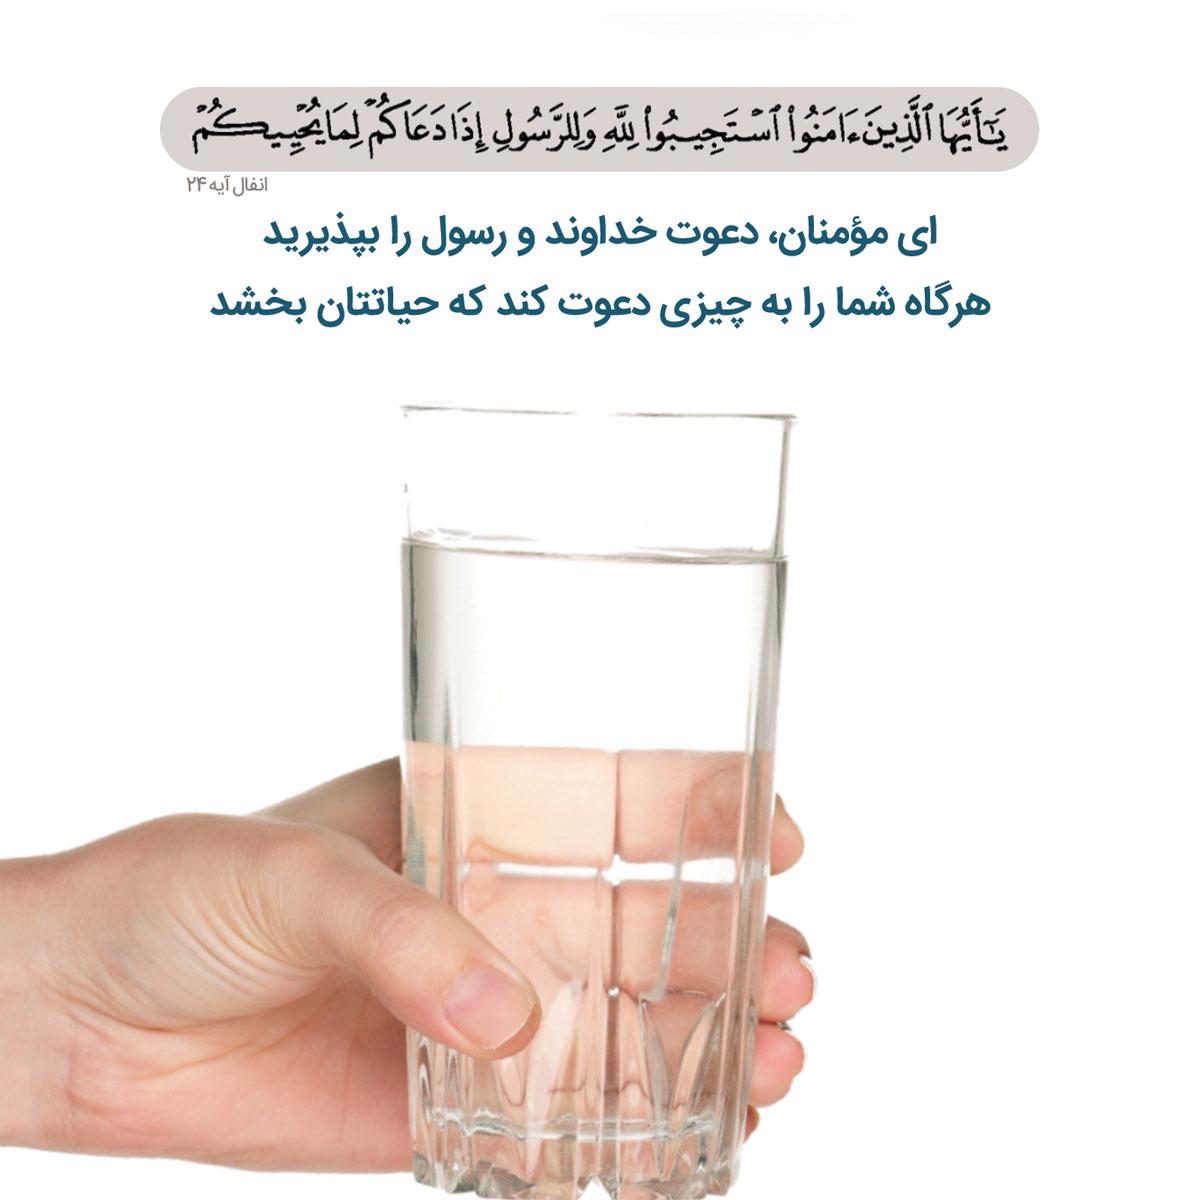 """عکس نوشته قرآنی با عنوان """"دعوت حیات بخش"""" براساس آیه 24 سوره انفال"""